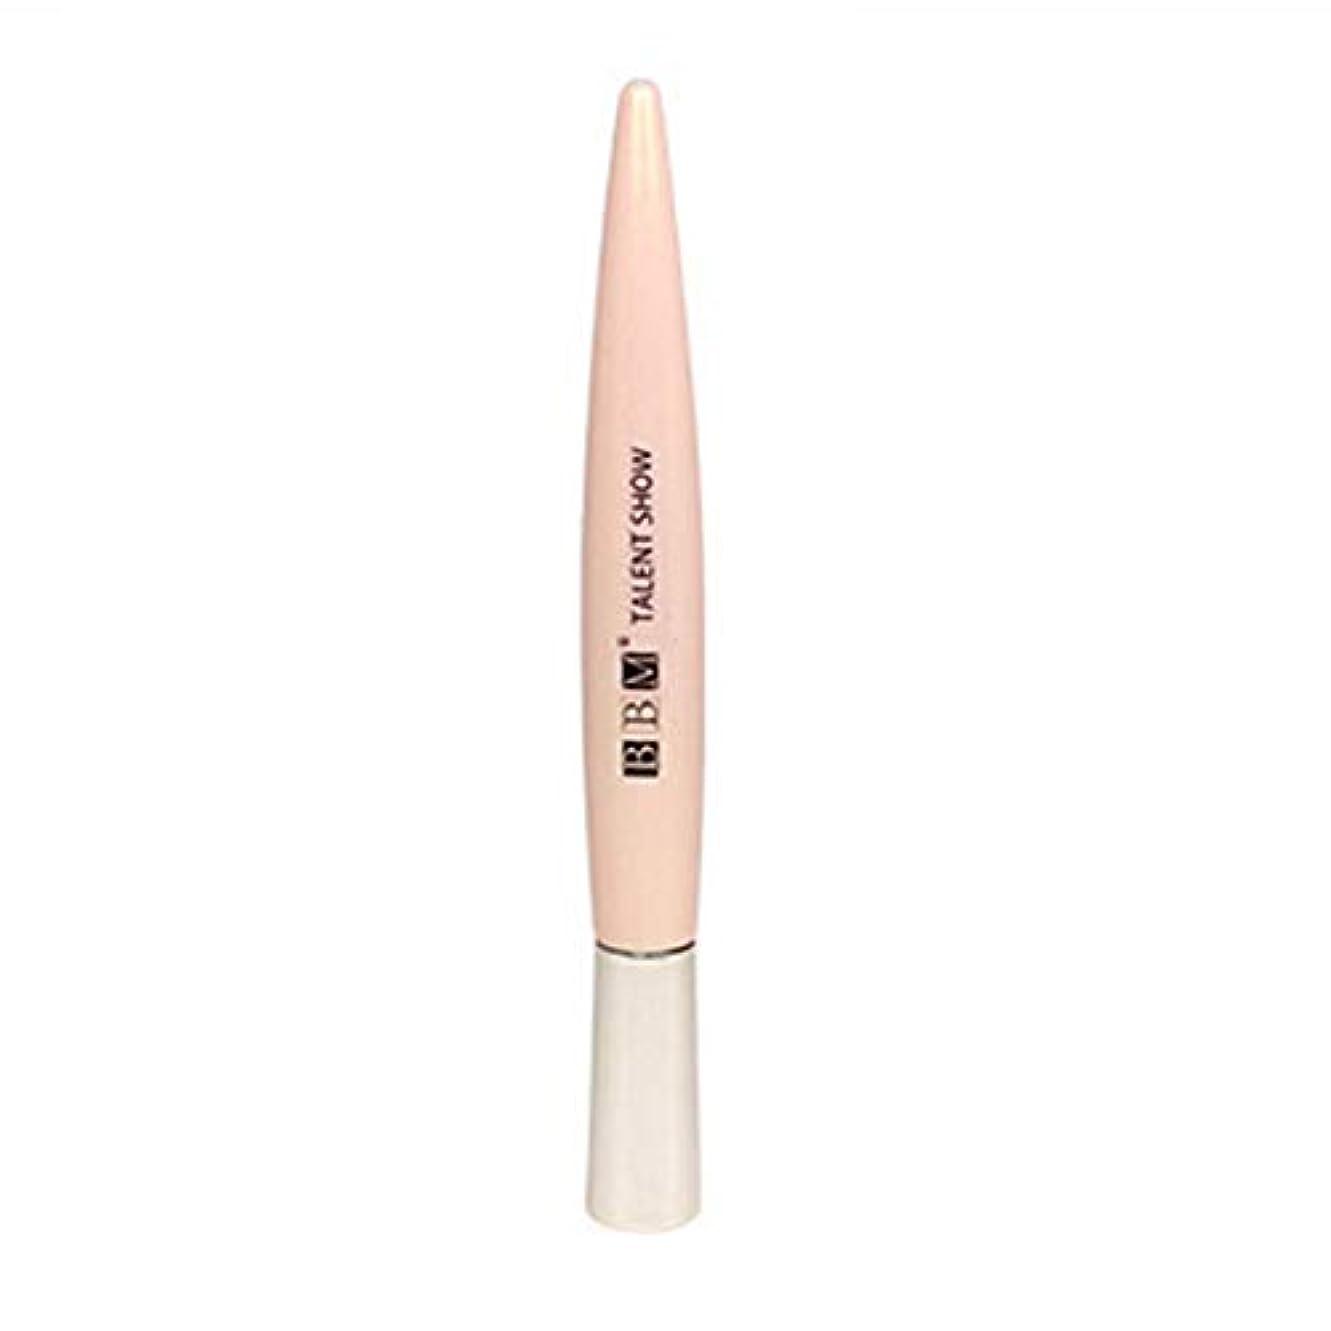 繁栄する口実放映新しいアイライナー防水リキッドアイライナーペンシルペンメイクアップ美容化粧品